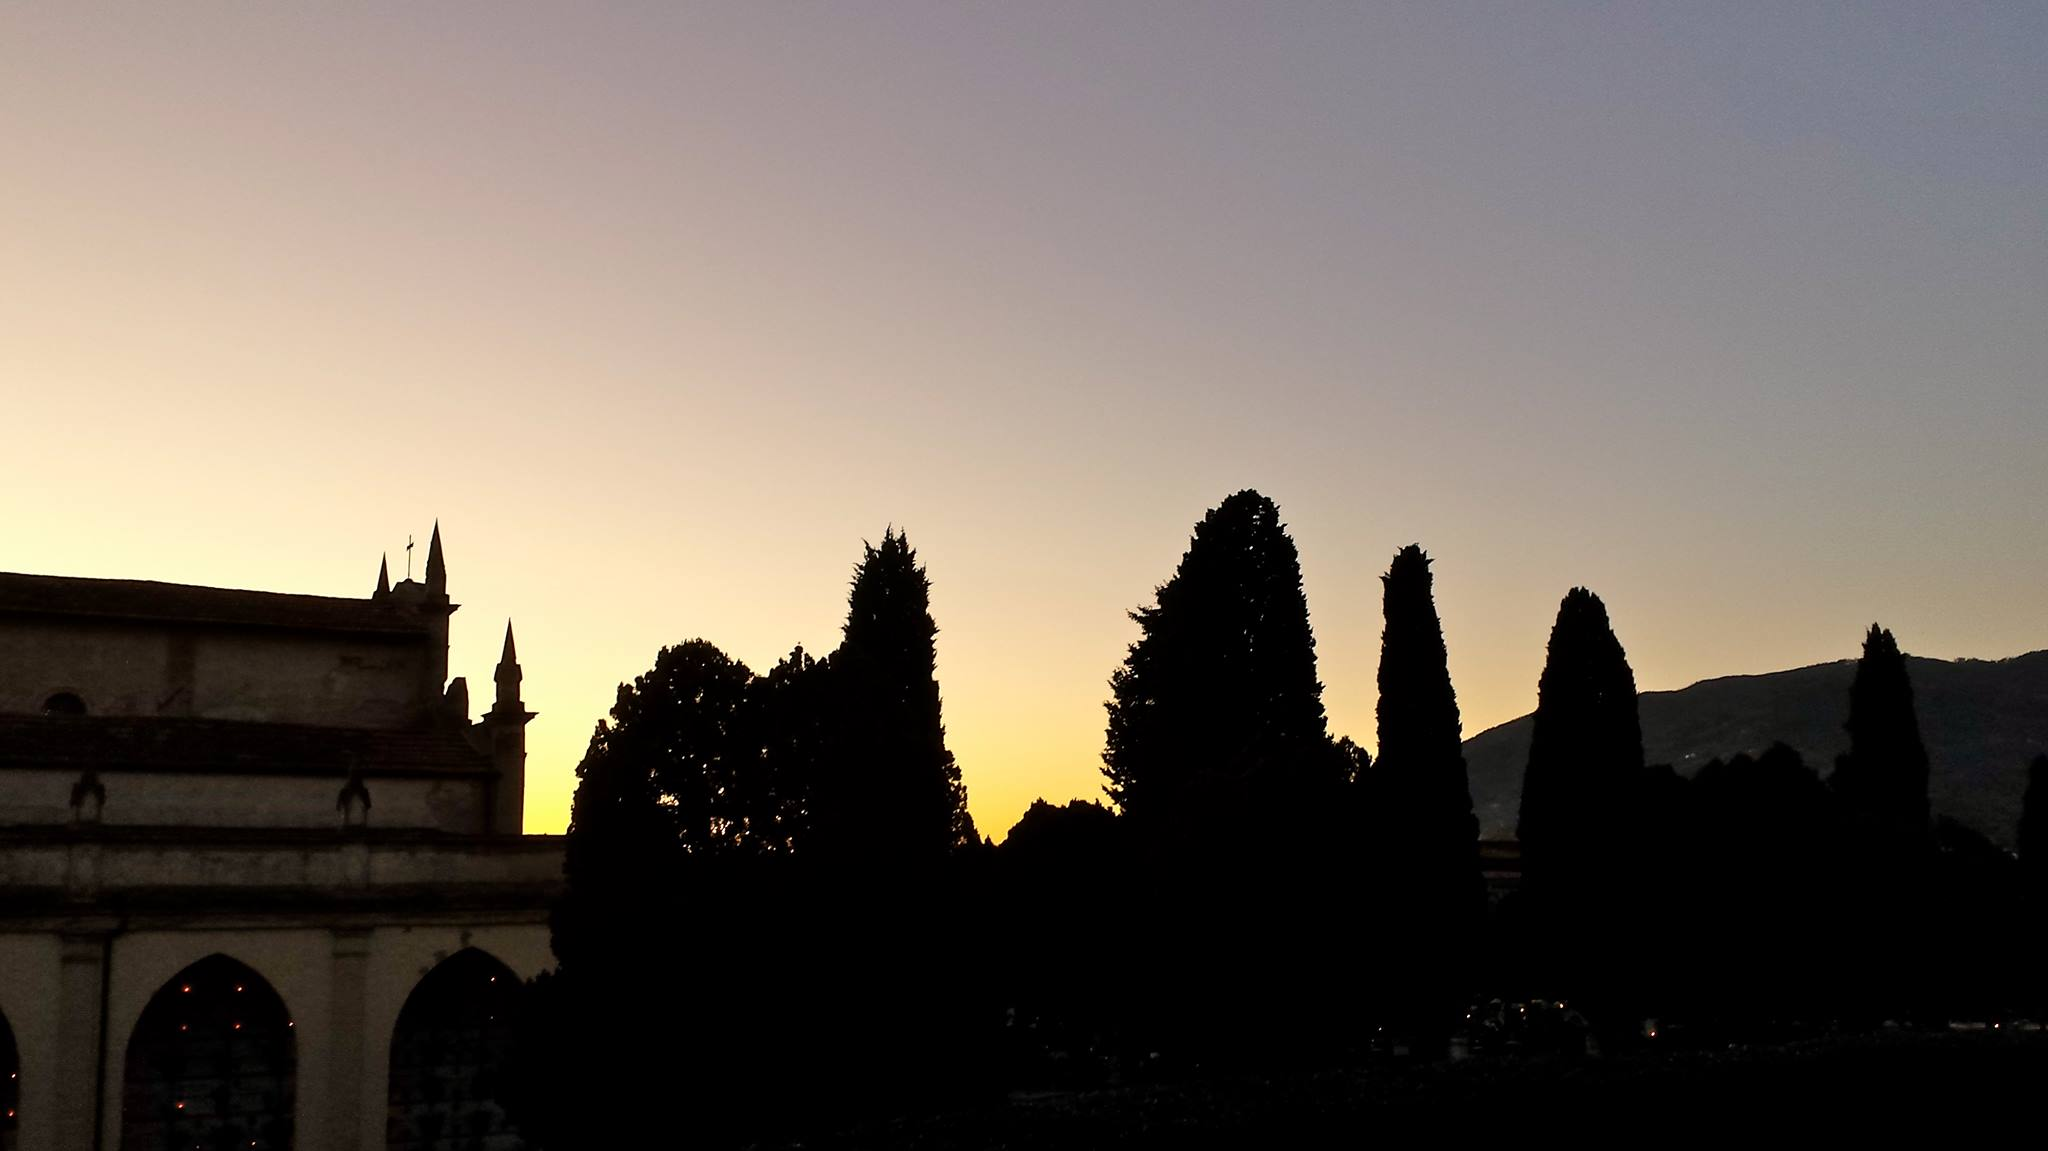 chiesa tramonto tombe lumini cimitero monumentale pescia